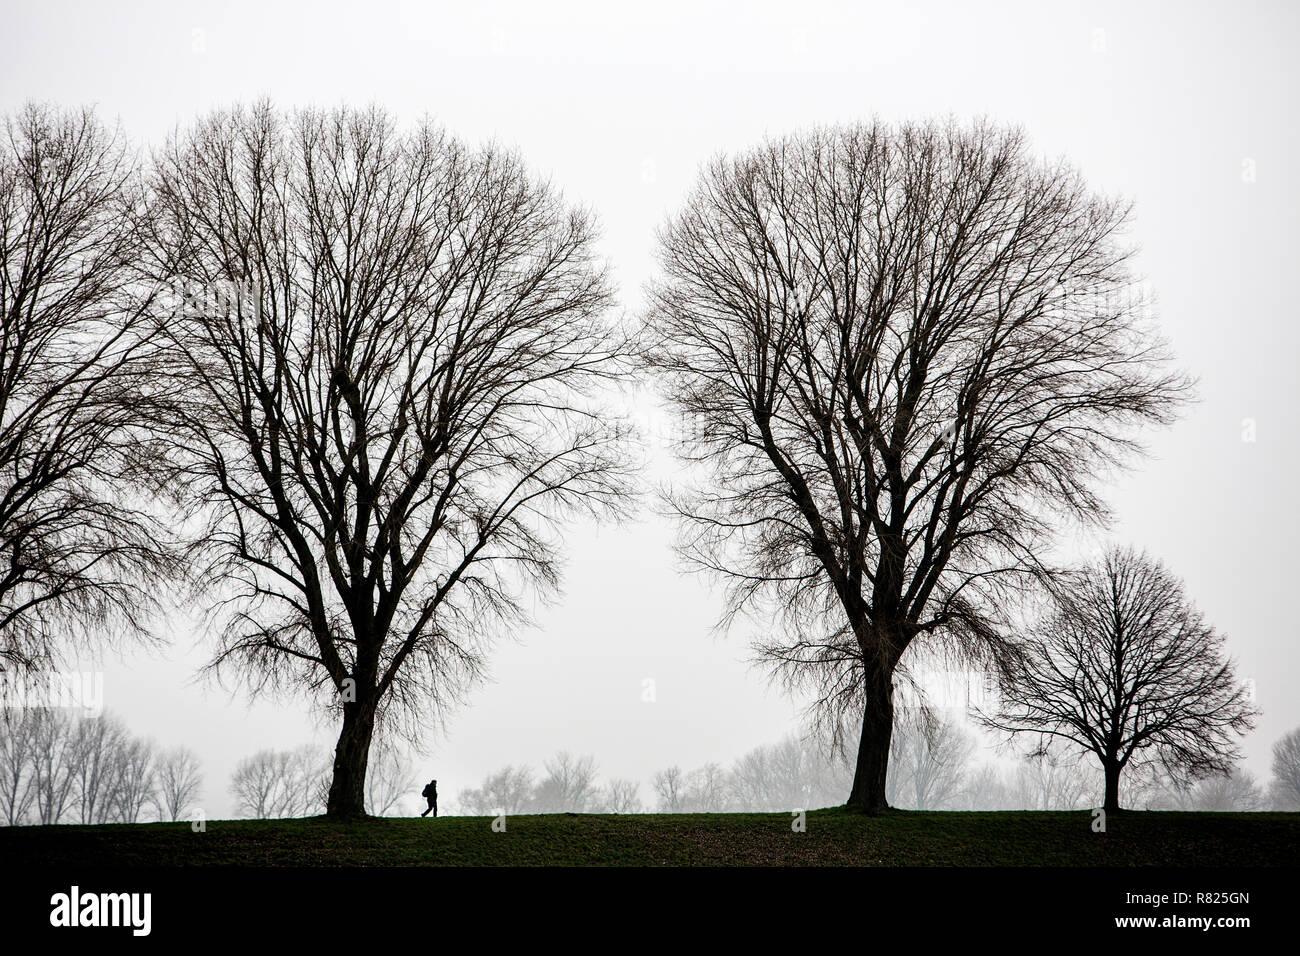 Météo d'hiver maussade, le brouillard, les arbres nus, bei Stockum, DŸsseldorf, Rhénanie du Nord-Westphalie, Allemagne Photo Stock